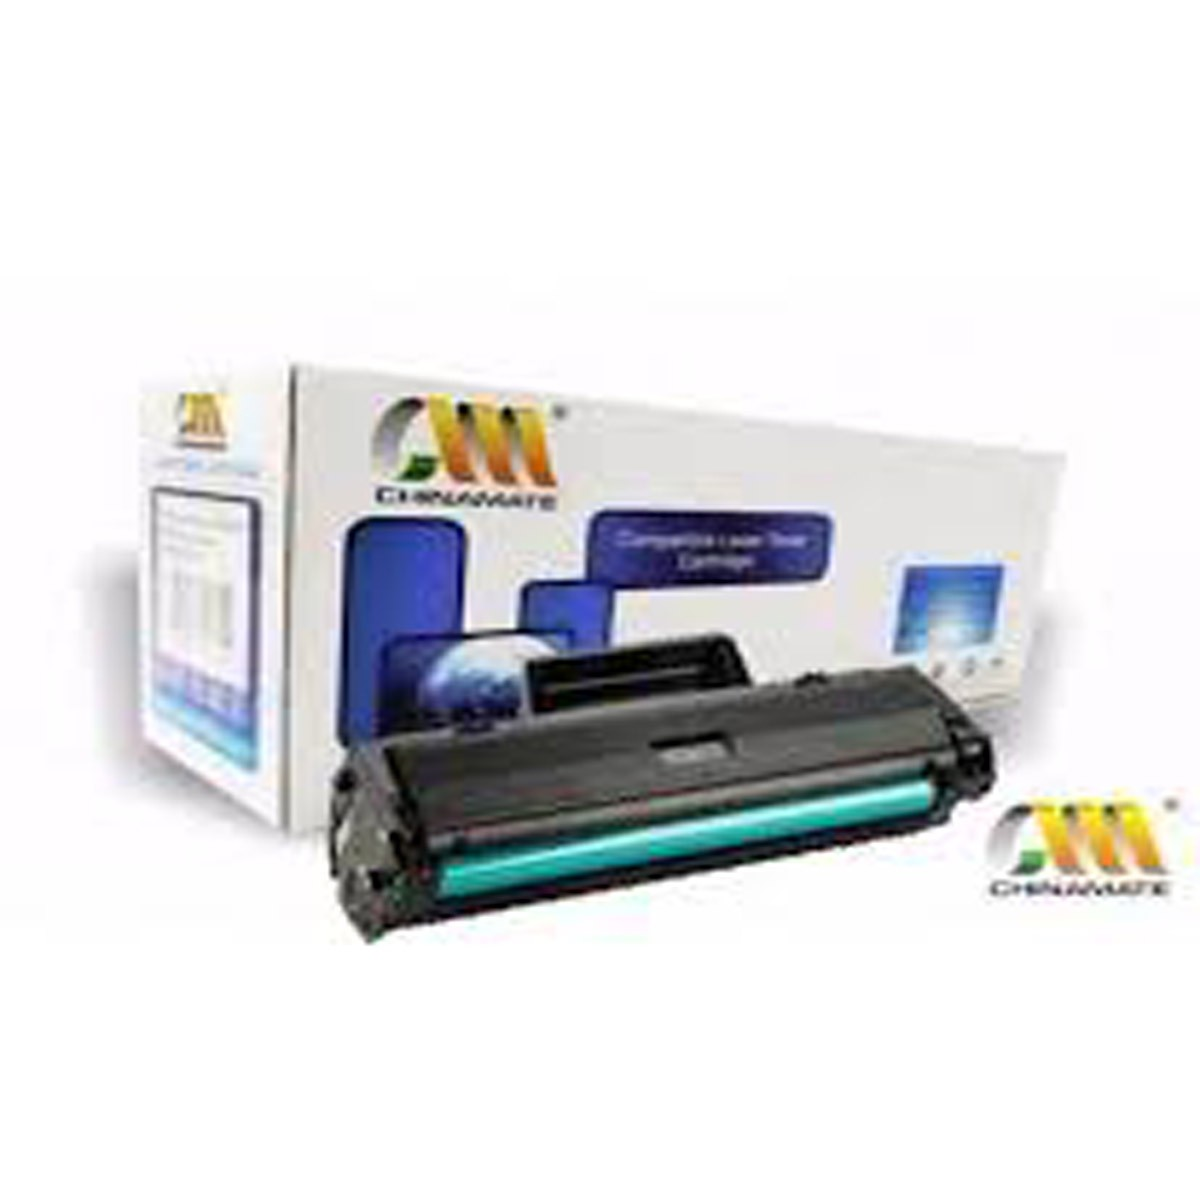 Toner Compatível 105A W1105A SEM CHIP - 107A 107W 135A 135W